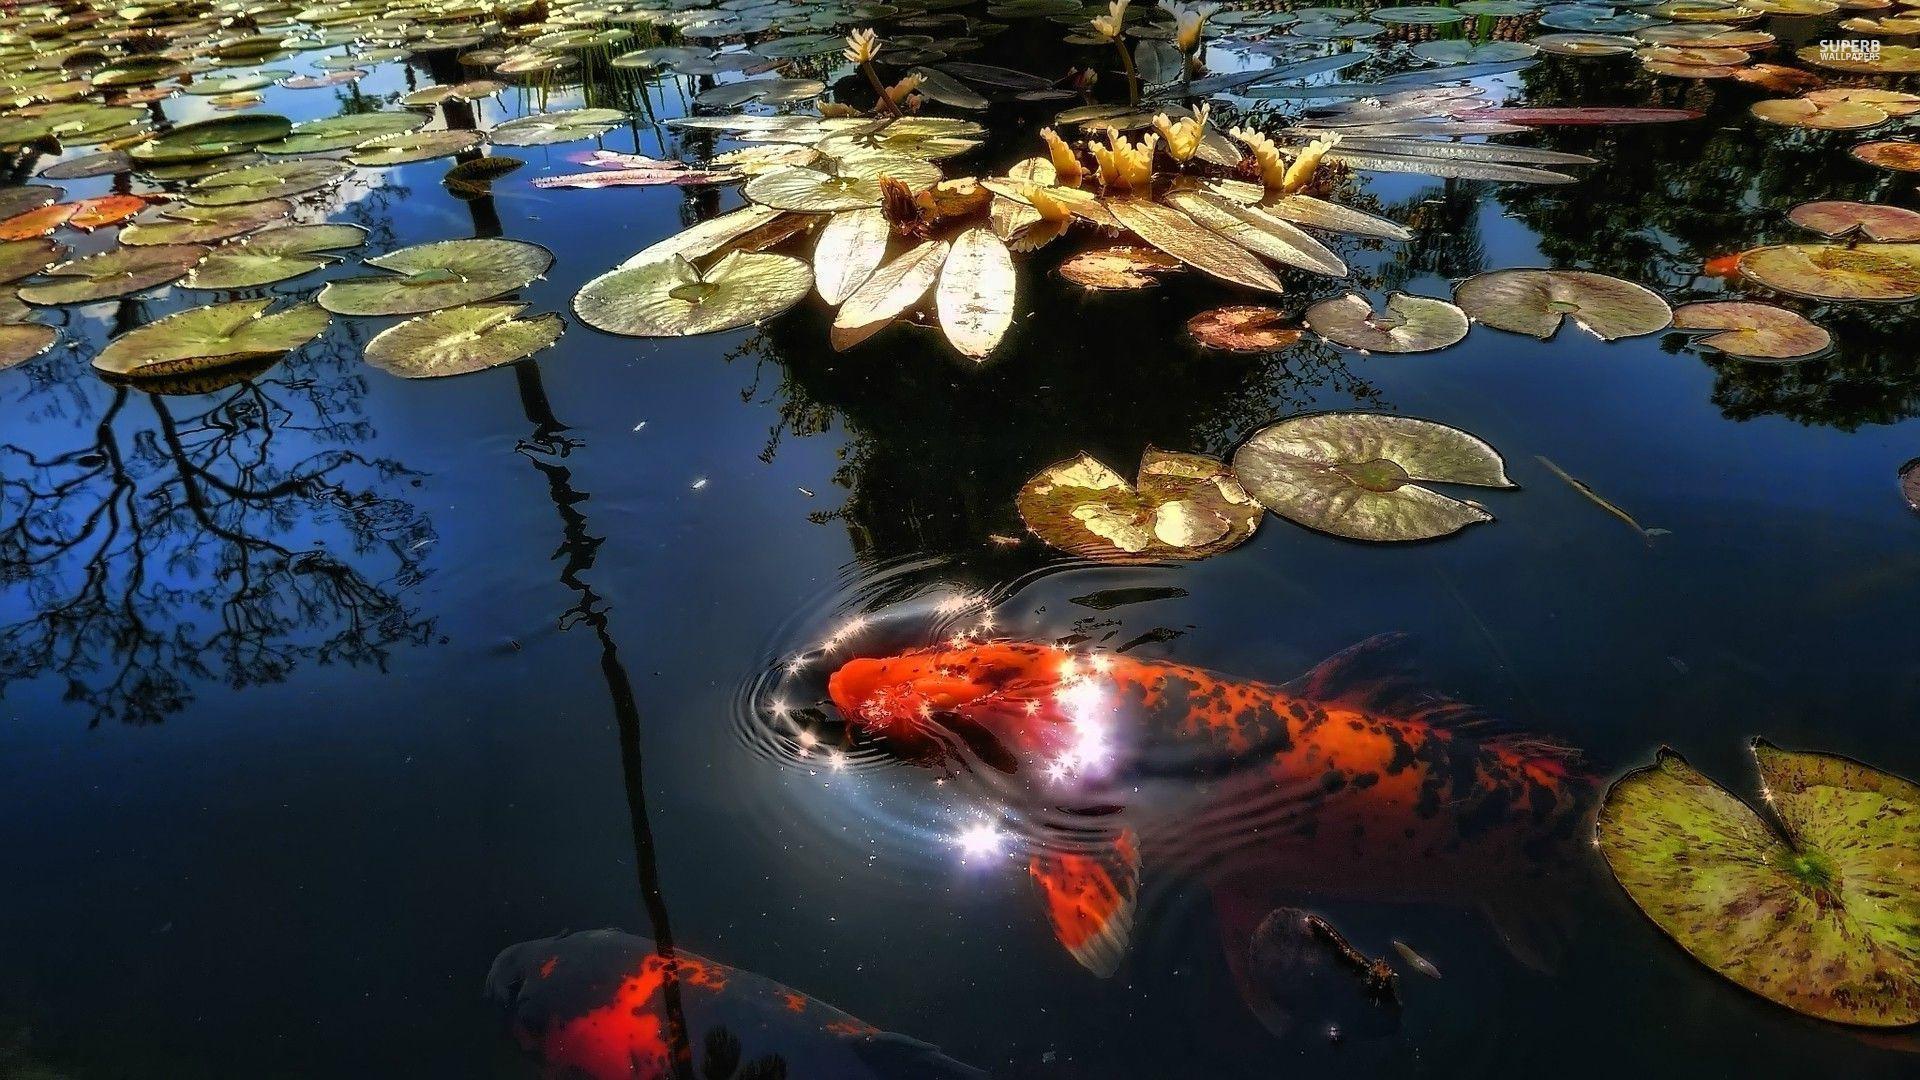 Koi pond wallpapers top free koi pond backgrounds for Koi pond screensaver